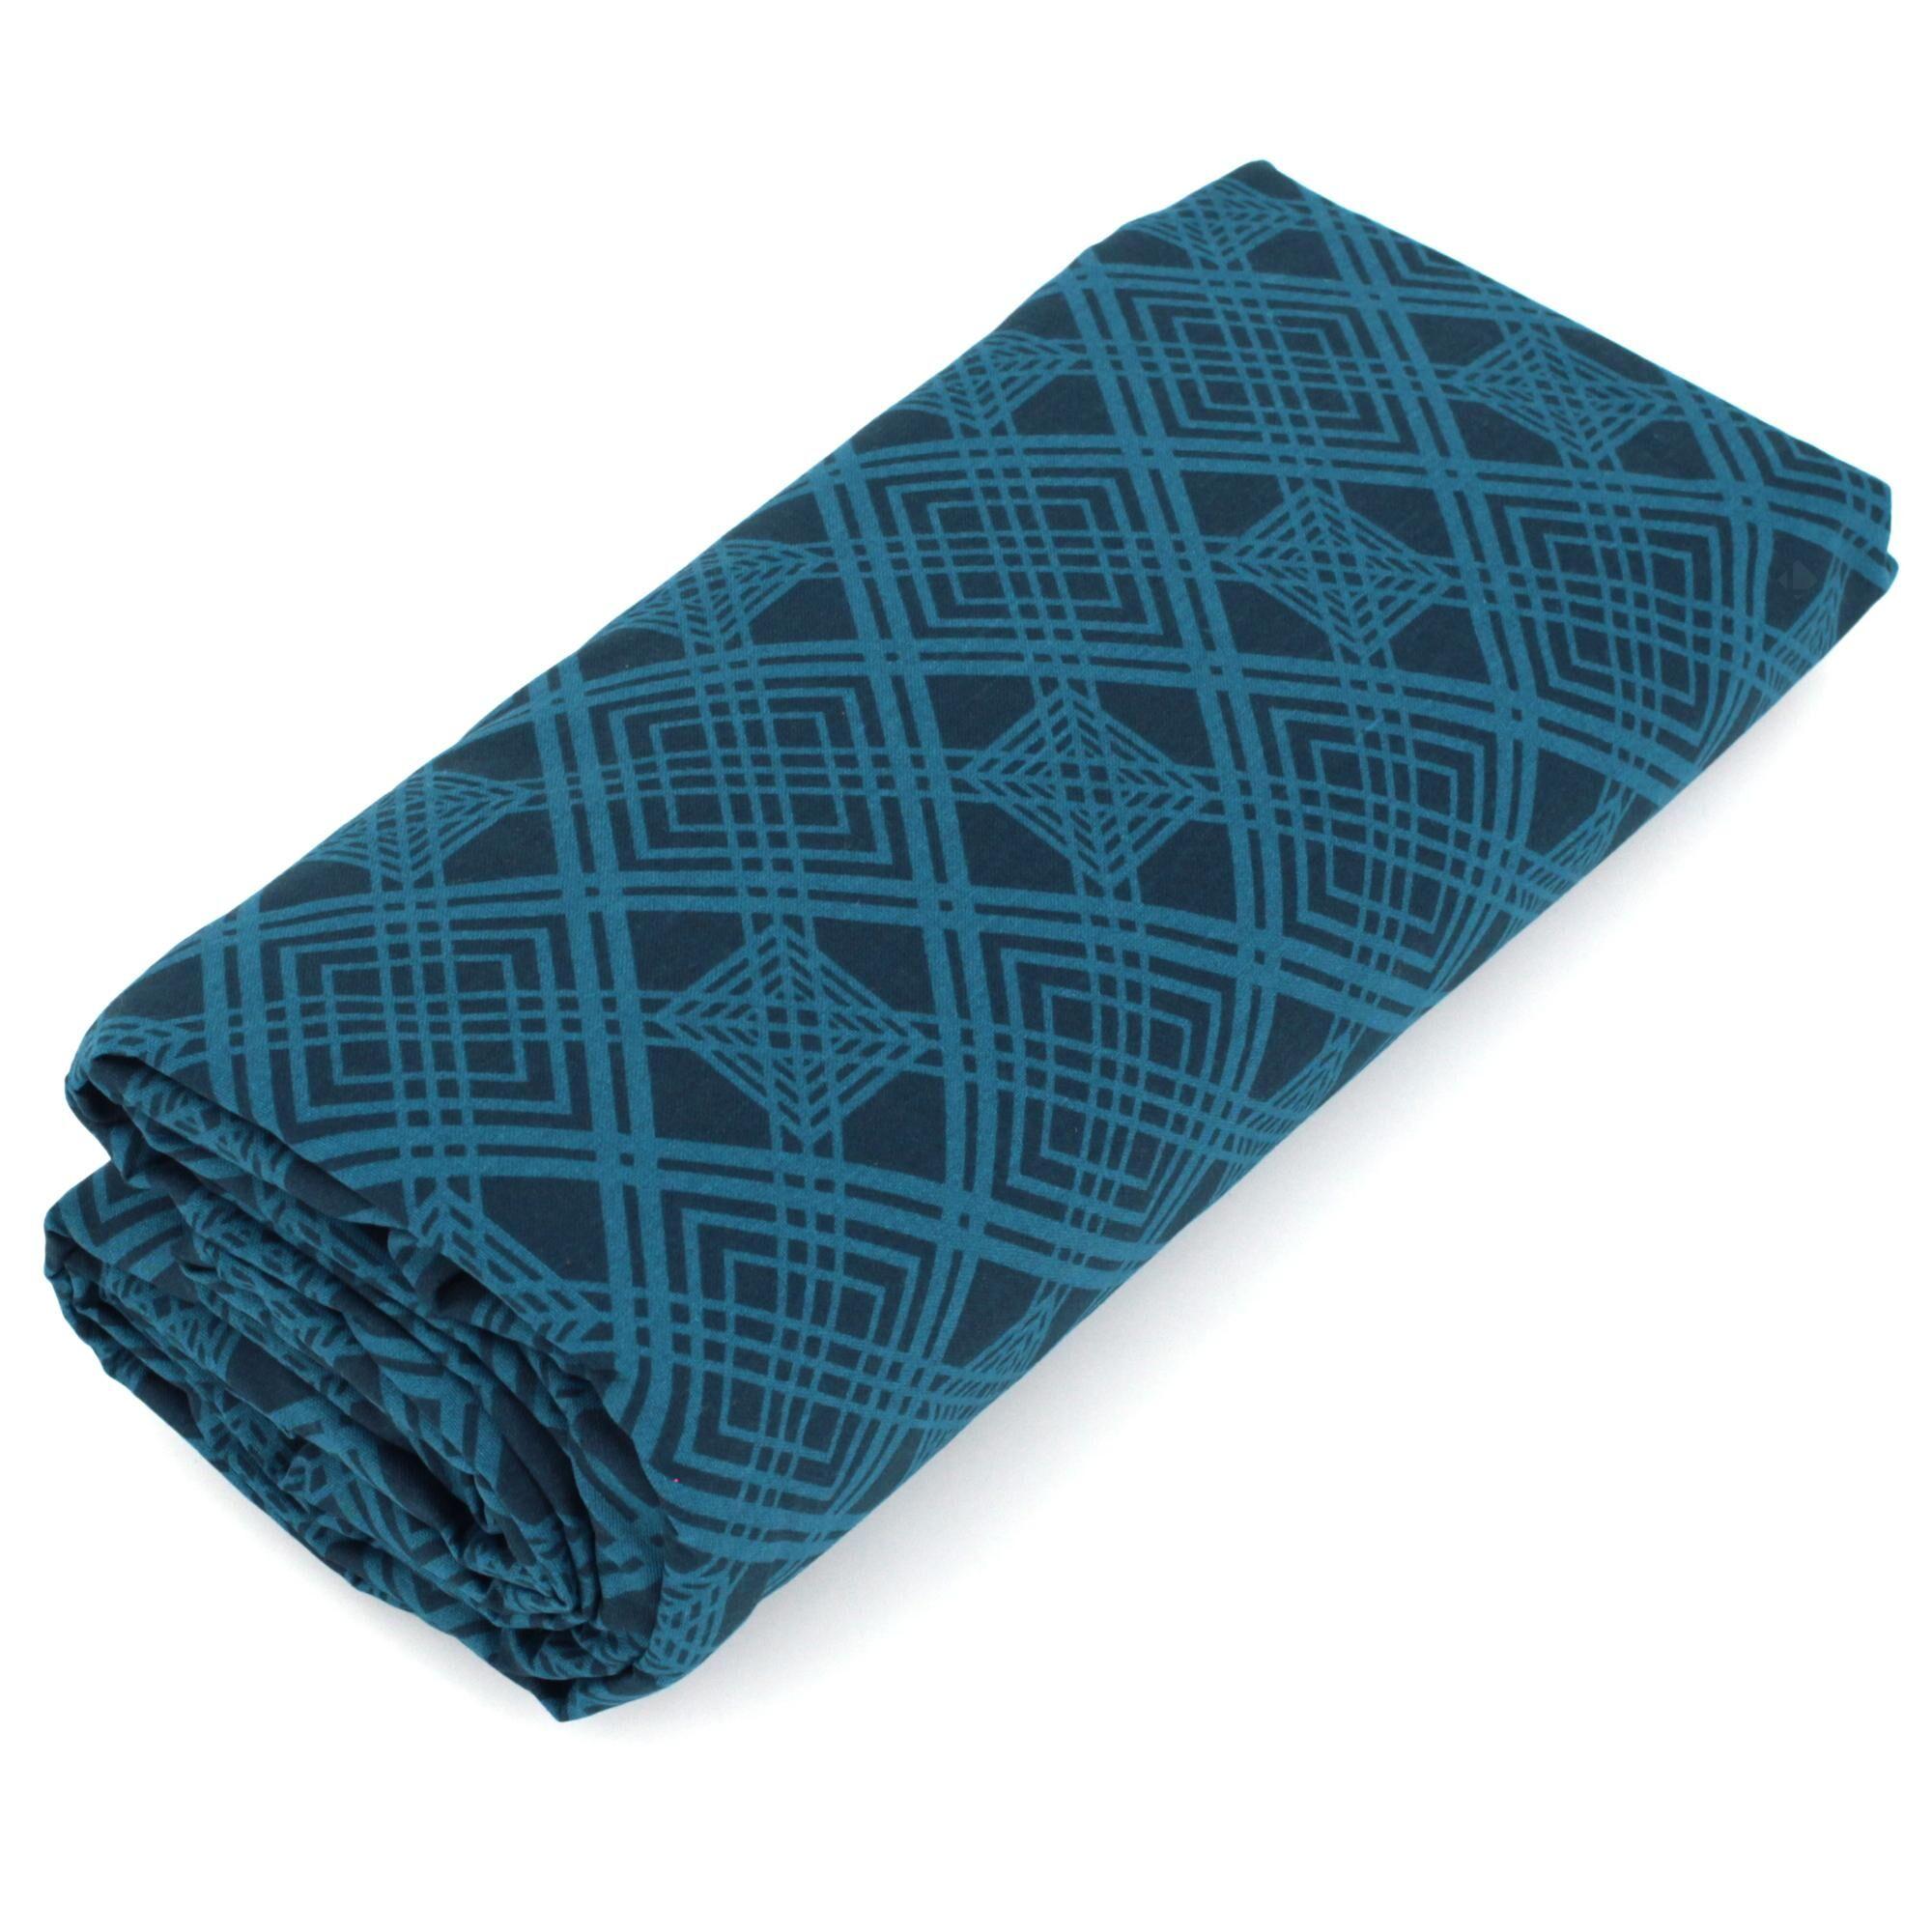 Linnea Drap housse imprimé 80x200 cm 100% coton TALISMAN bleu paon Bonnet 40 cm